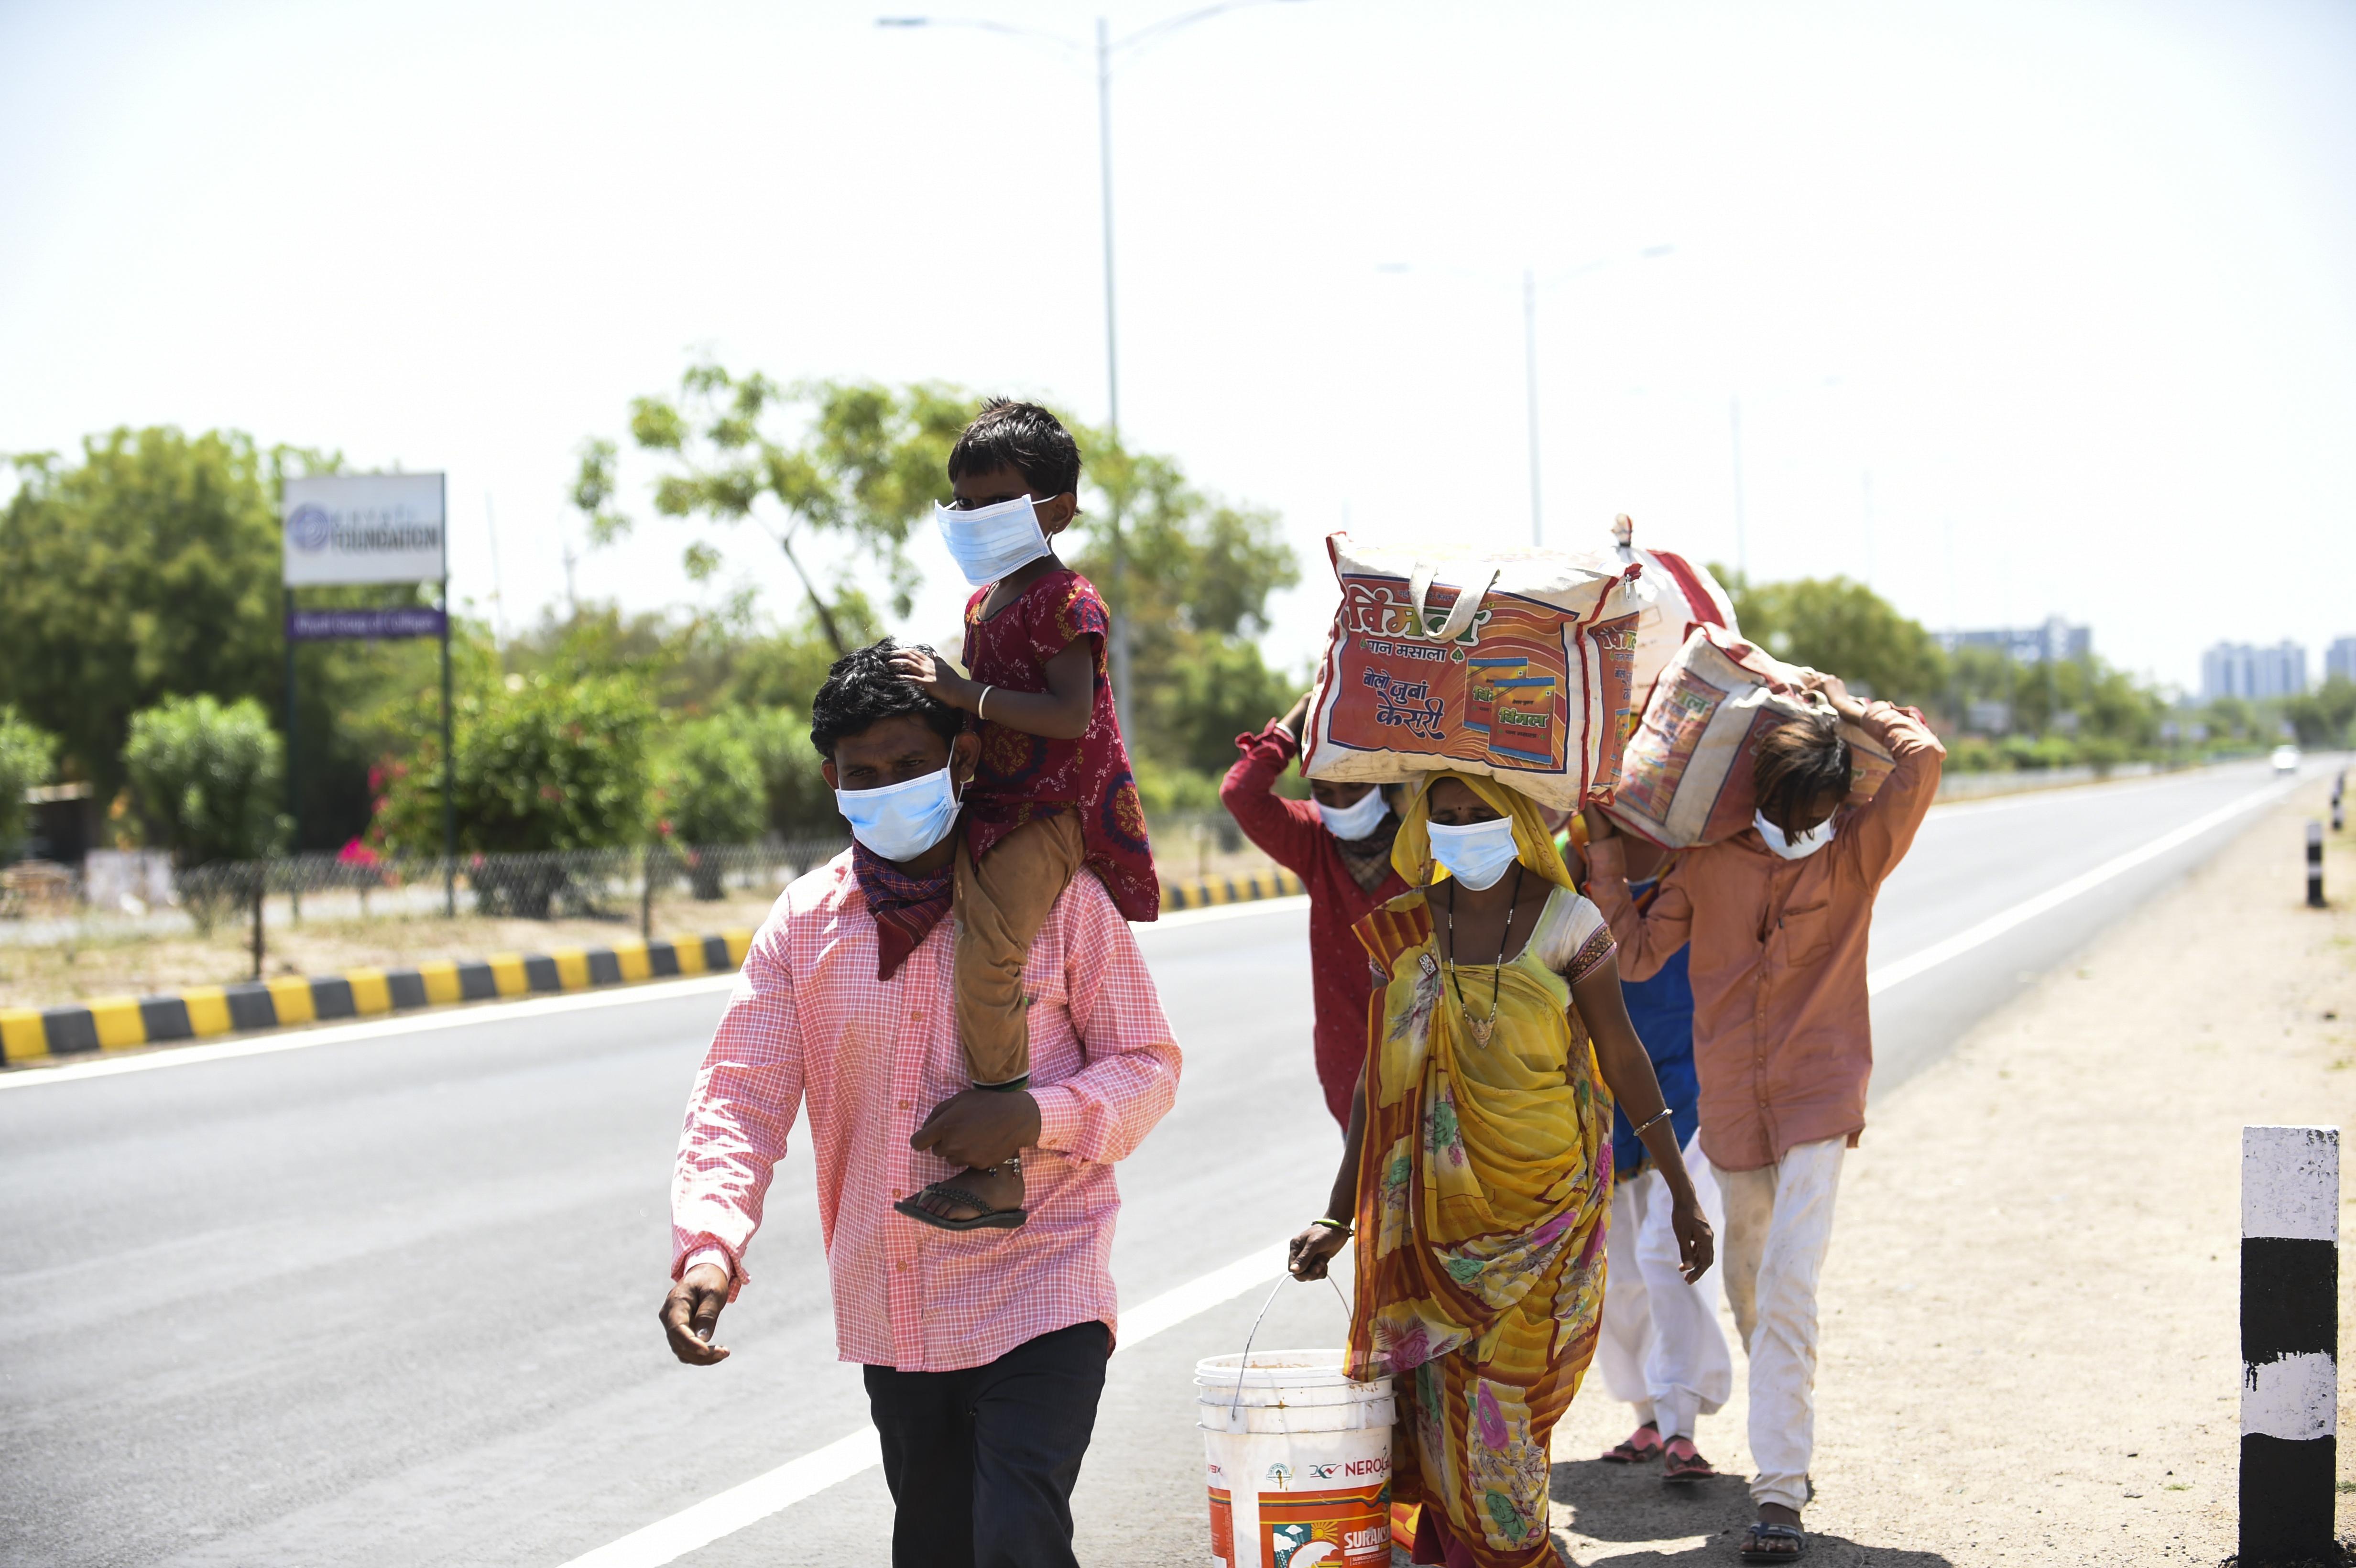 Indiaiak milliói gyalogolnak haza, miután a koronavírus miatt leállították a tömegközlekedést